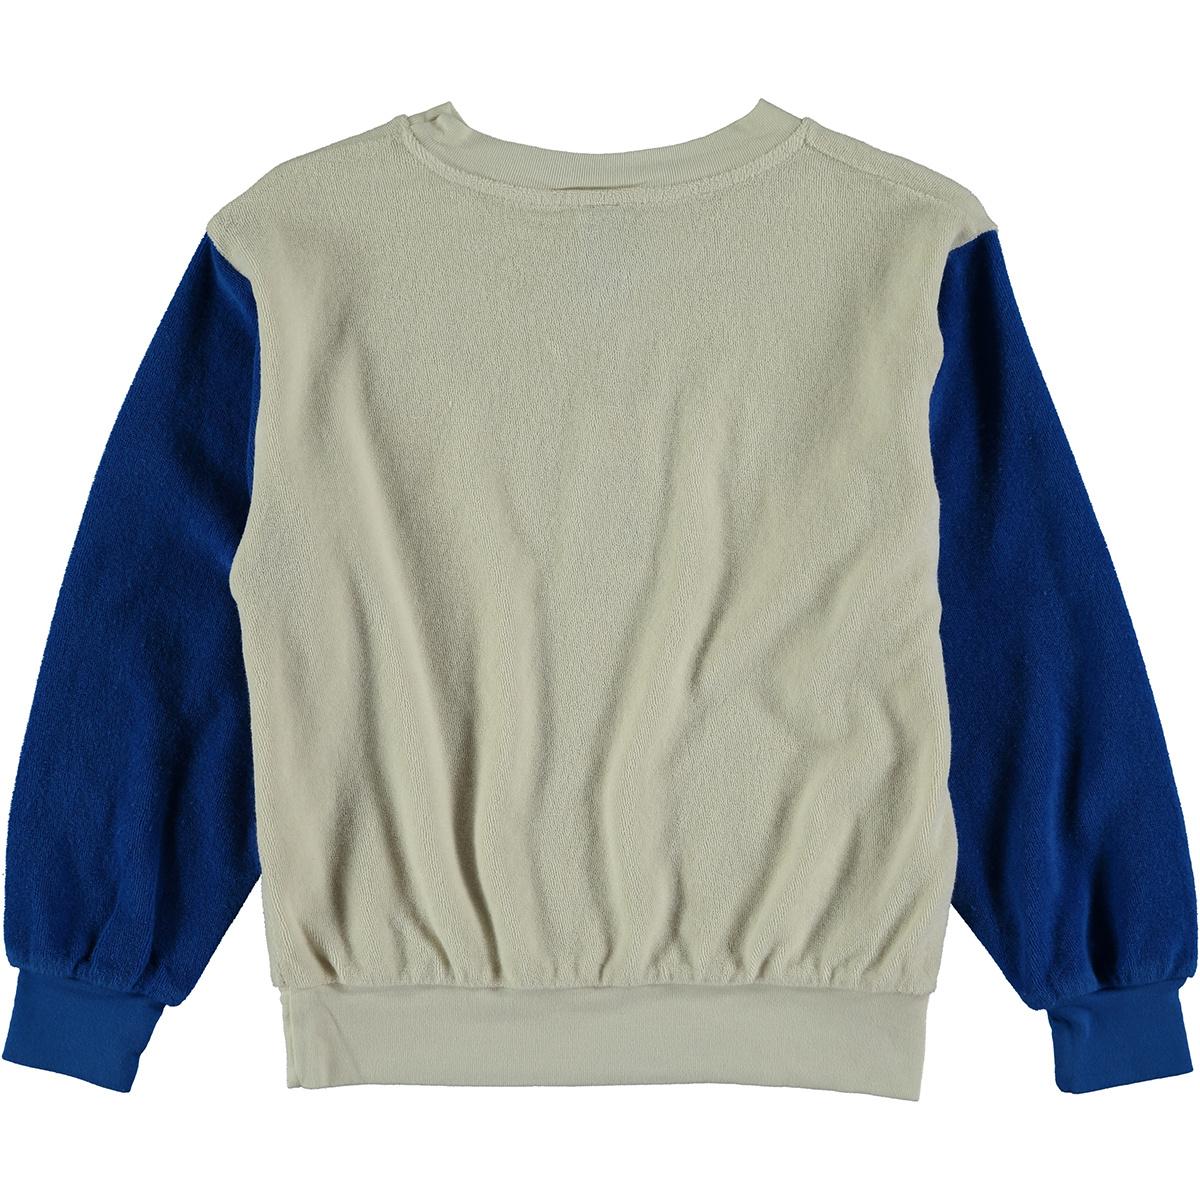 Sweatshirt baby Bonmot - Ivory-2